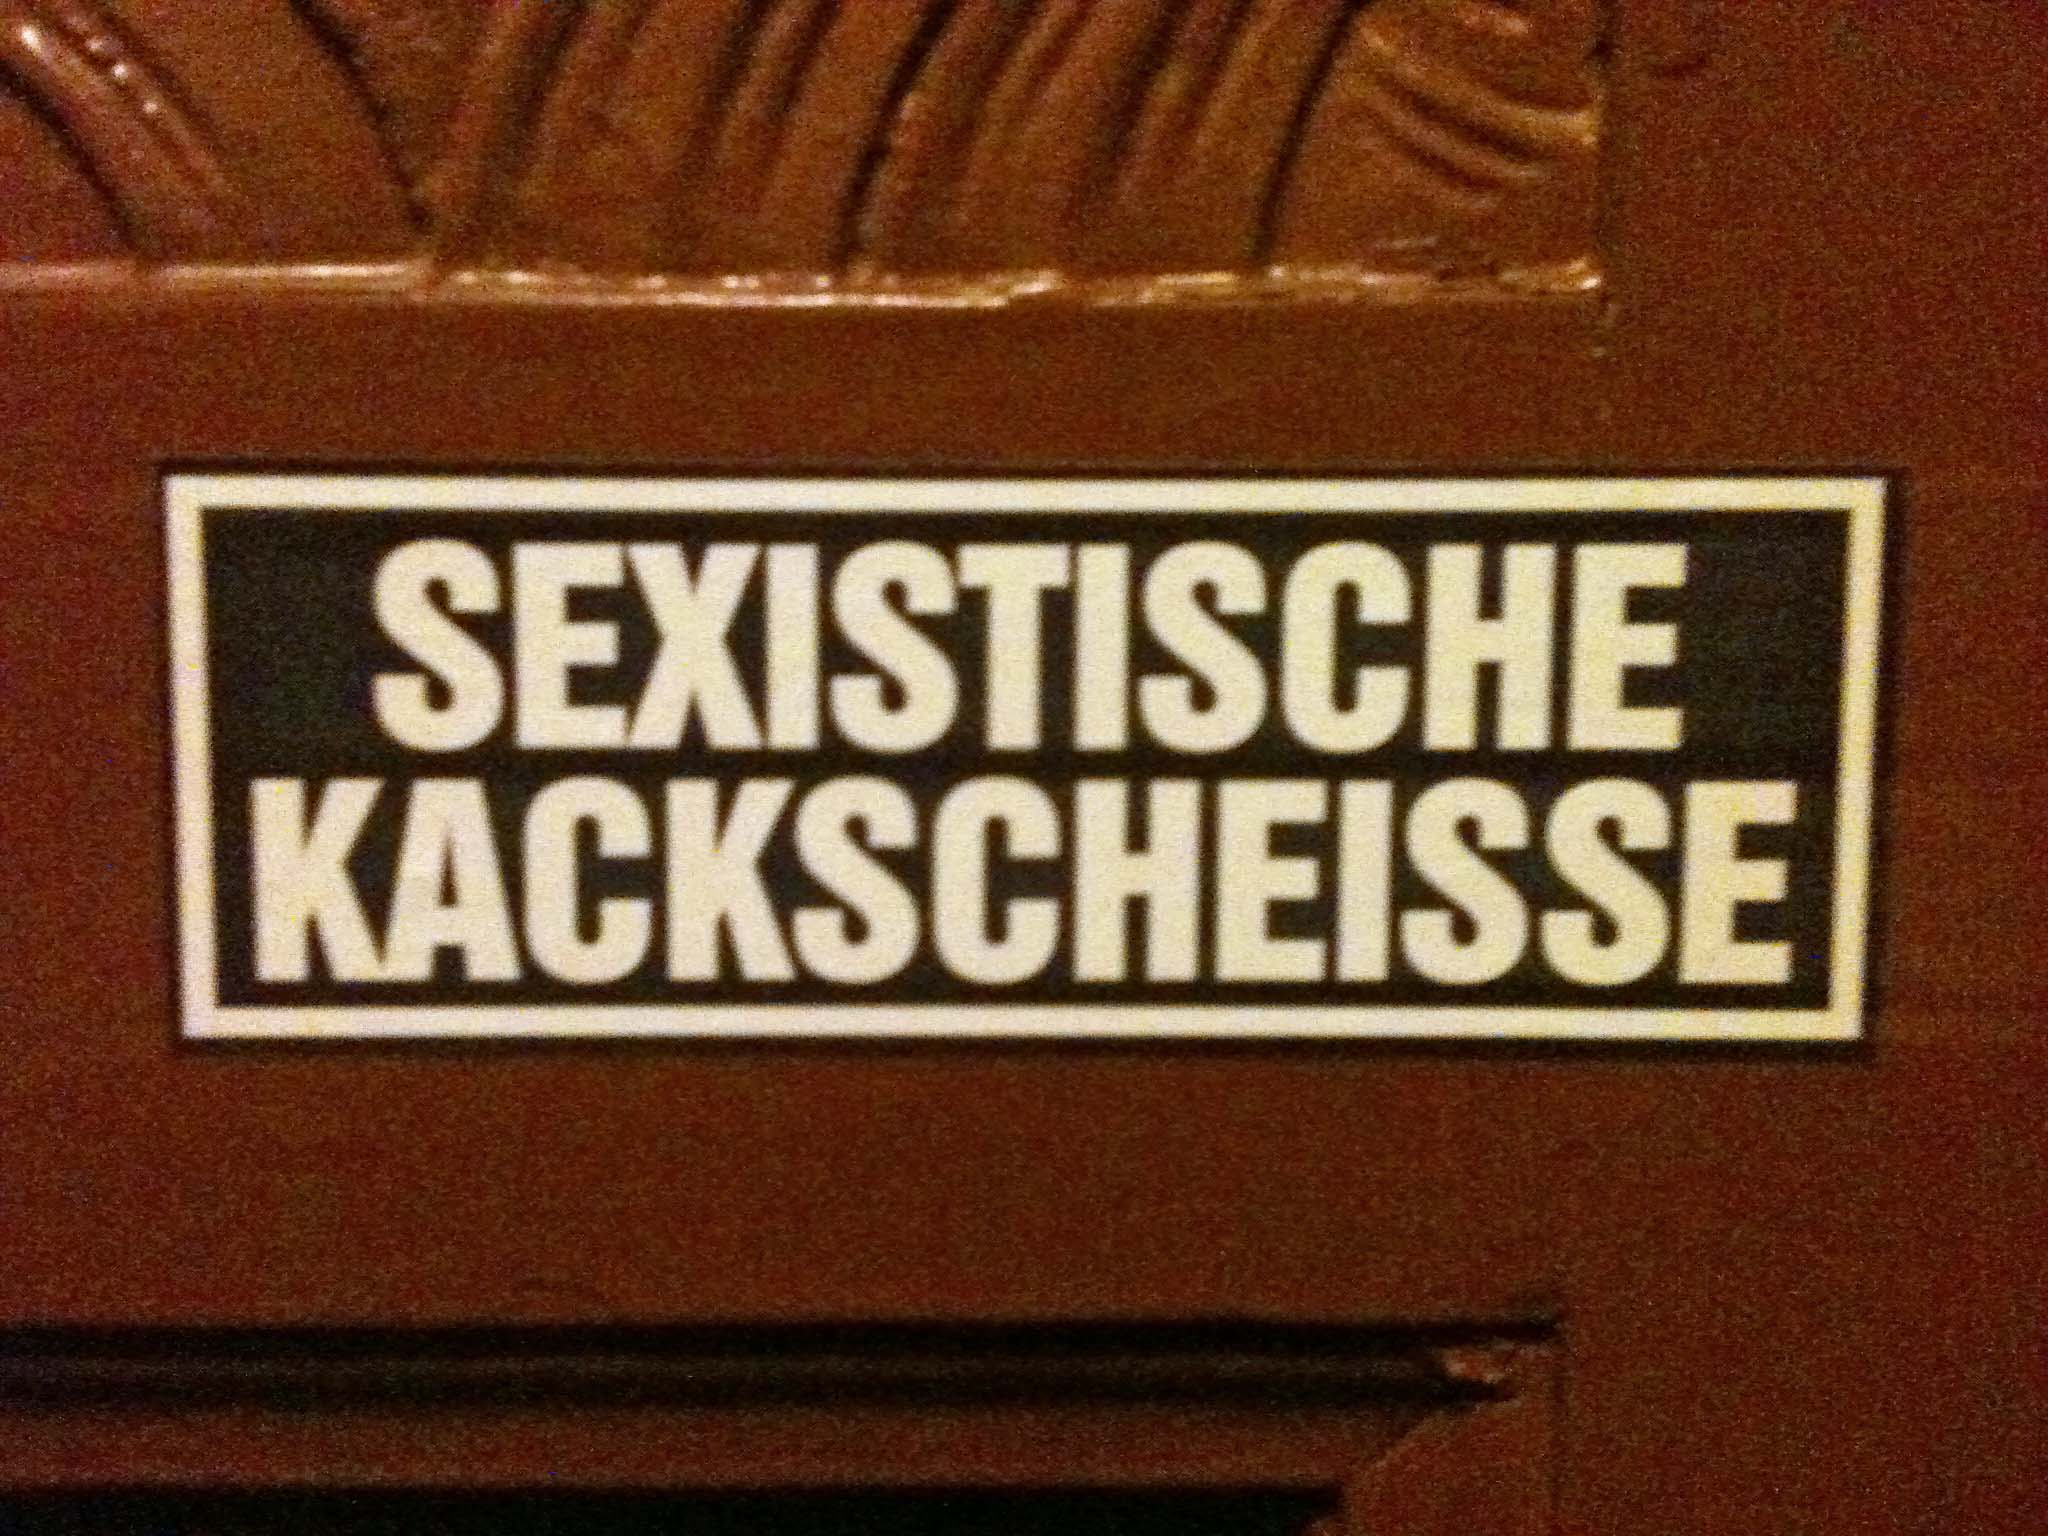 Sexistische Kackscheisse (Sexist Shit Shit) - Sticker in a Berlin apartment building